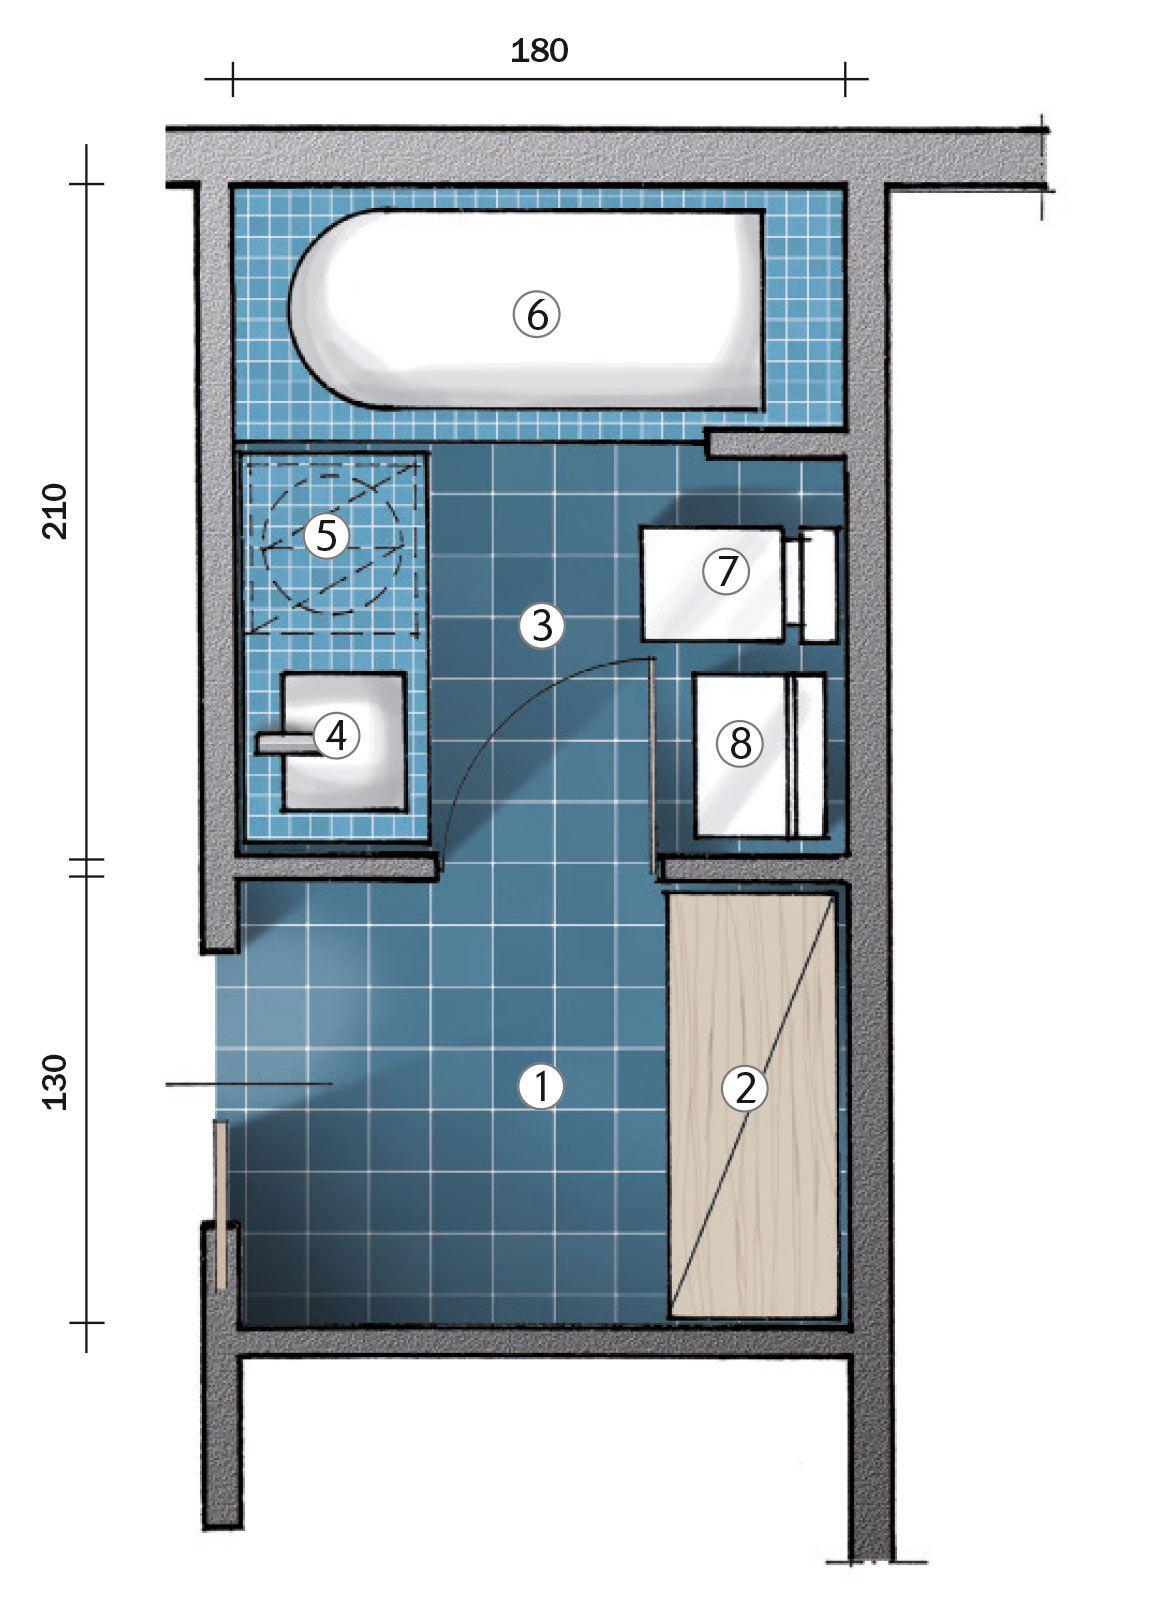 Da ripostiglio a bagno la pianta del nuovo locale di servizio cose di casa arredo bagno - Pianta bagno piccolo ...